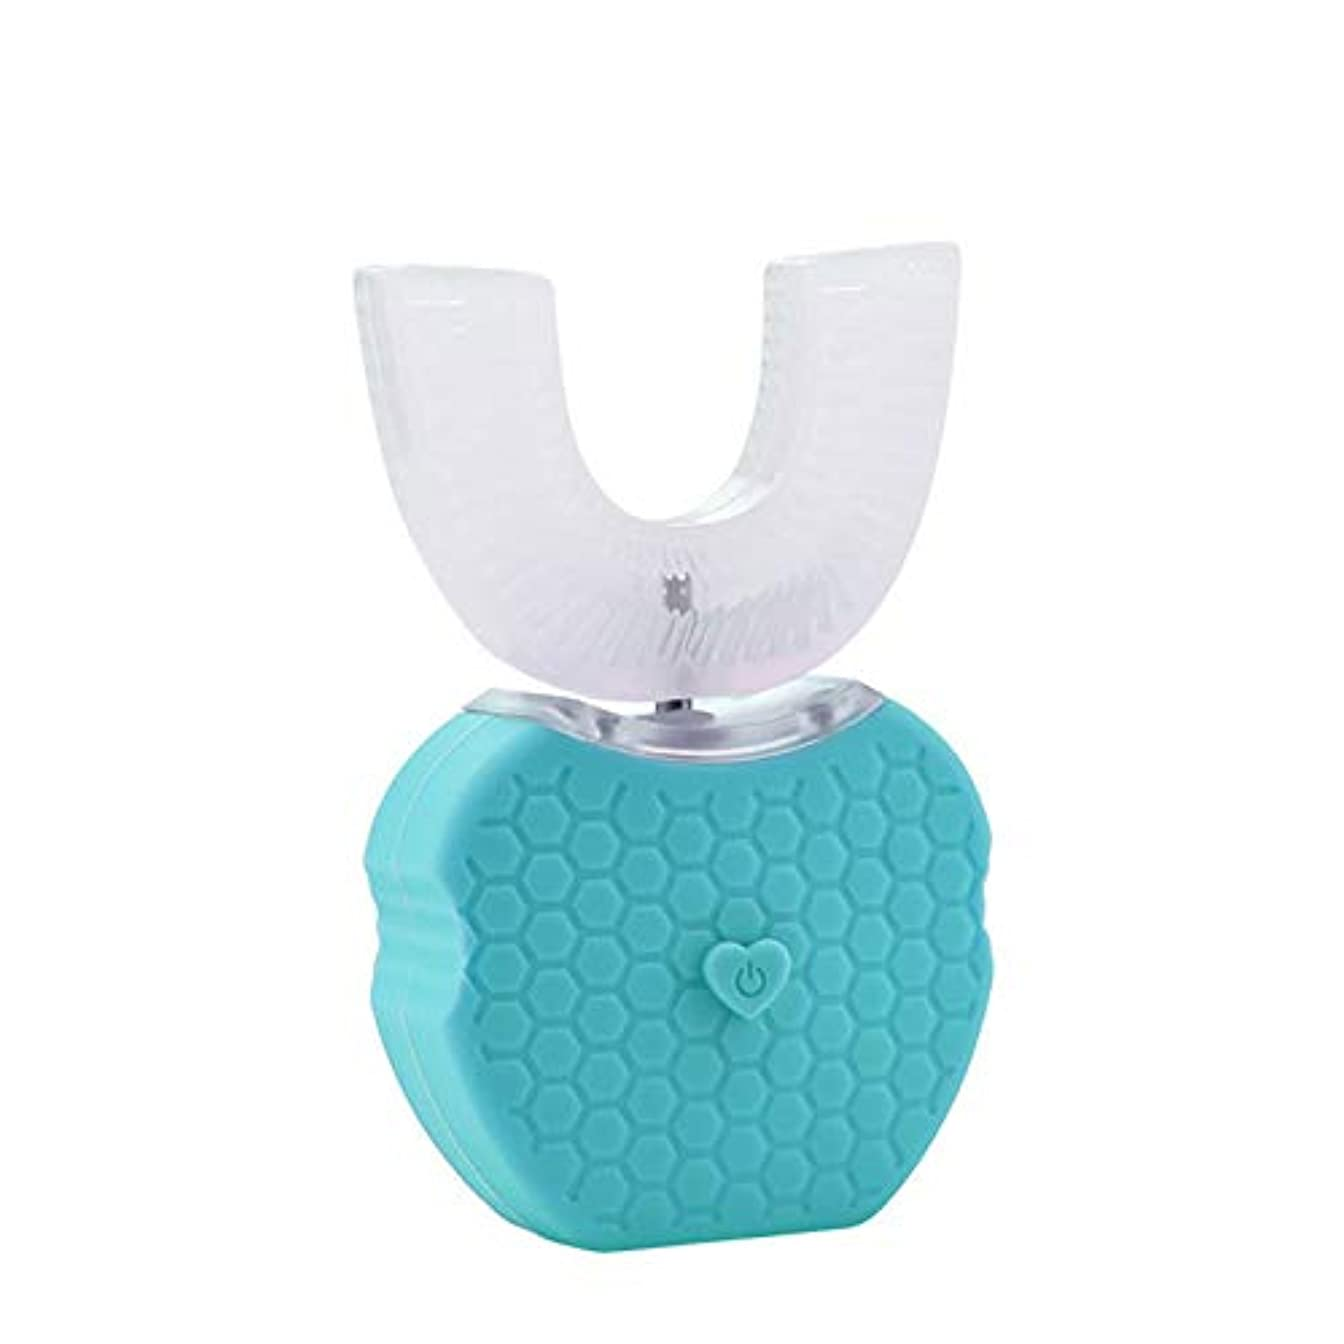 牧草地今後センチメンタルフルオートマチック可変周波数電動歯ブラシ、自動360度U字型電動歯ブラシ、ワイヤレス充電IPX7防水自動歯ブラシ(大人用),Blue